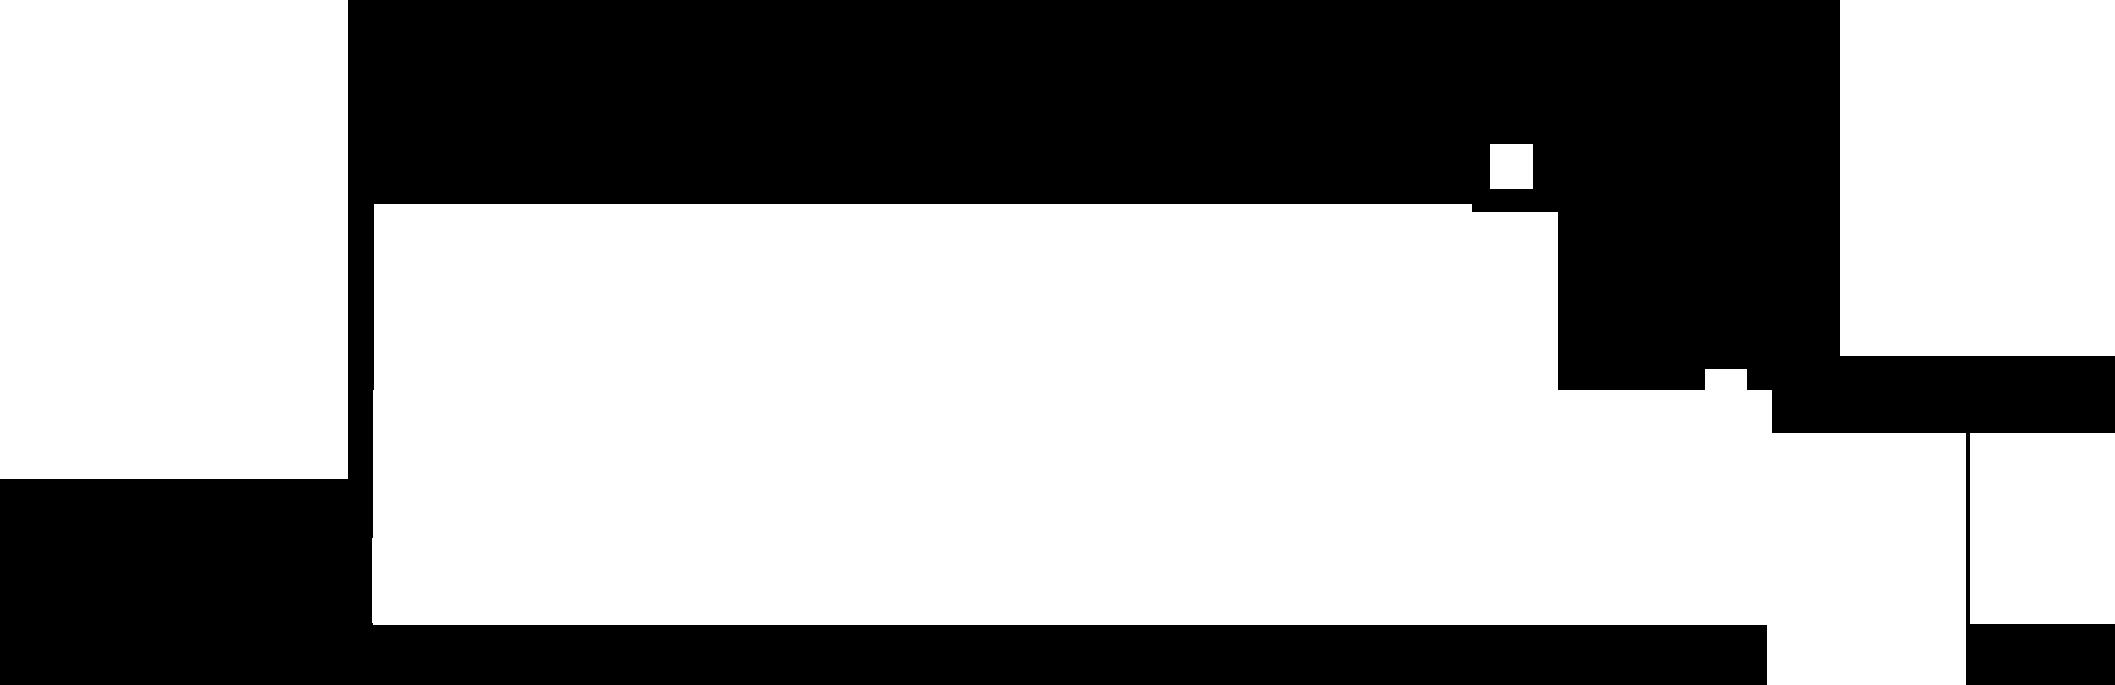 Economitips, une dose d'économie